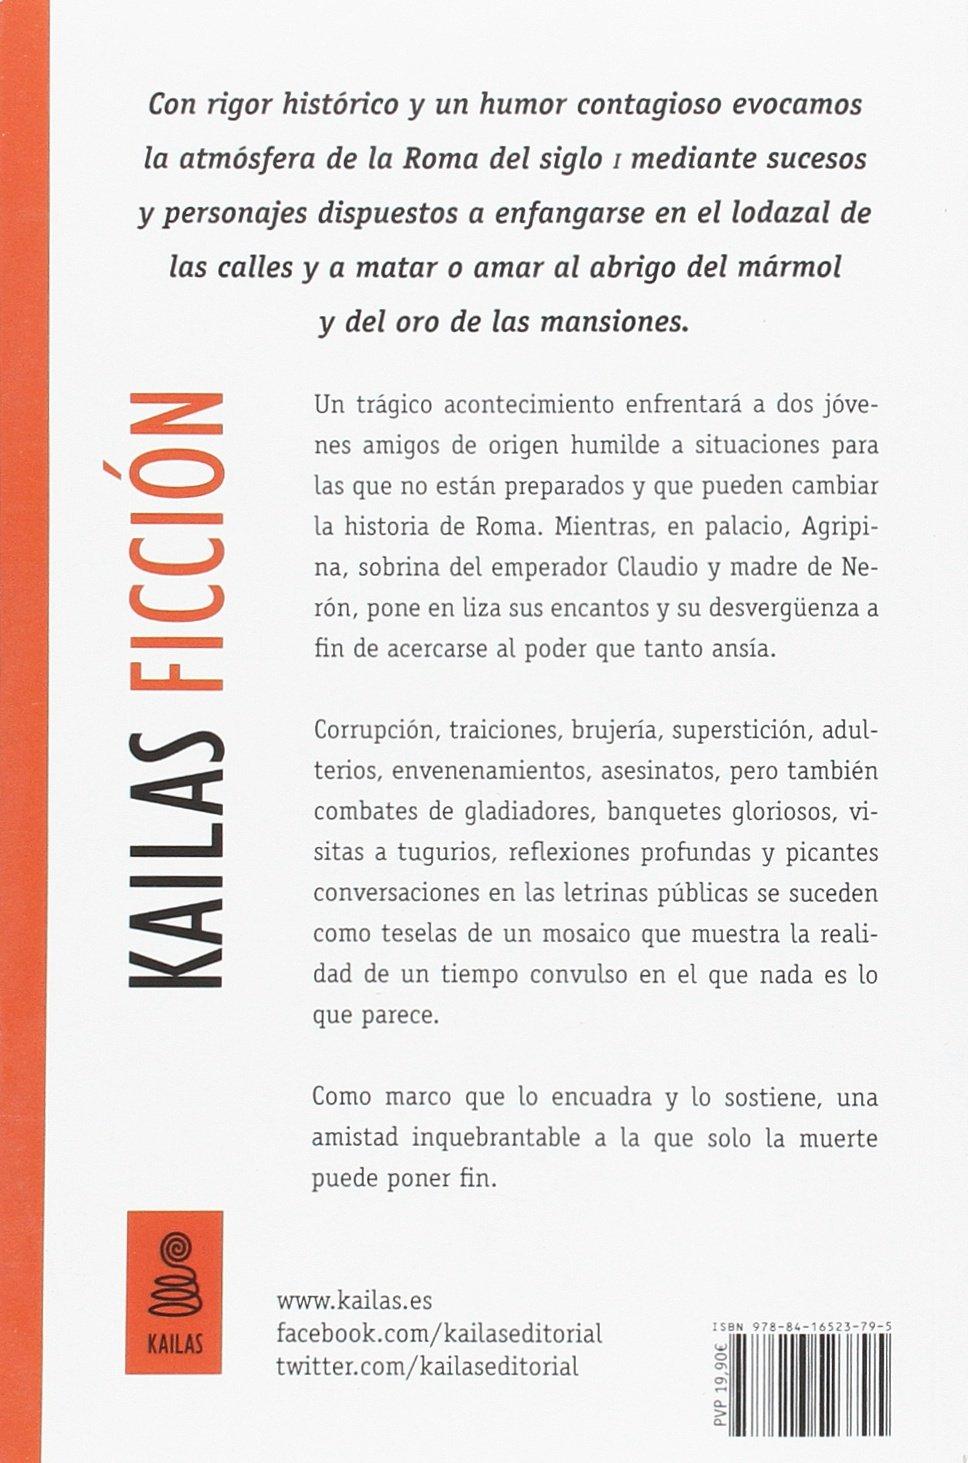 La caricia de la serpiente : la metamorfosis de Nerón, el emperador sin escrúpulos: Javier Gómez Molero: 9788416523795: Amazon.com: Books